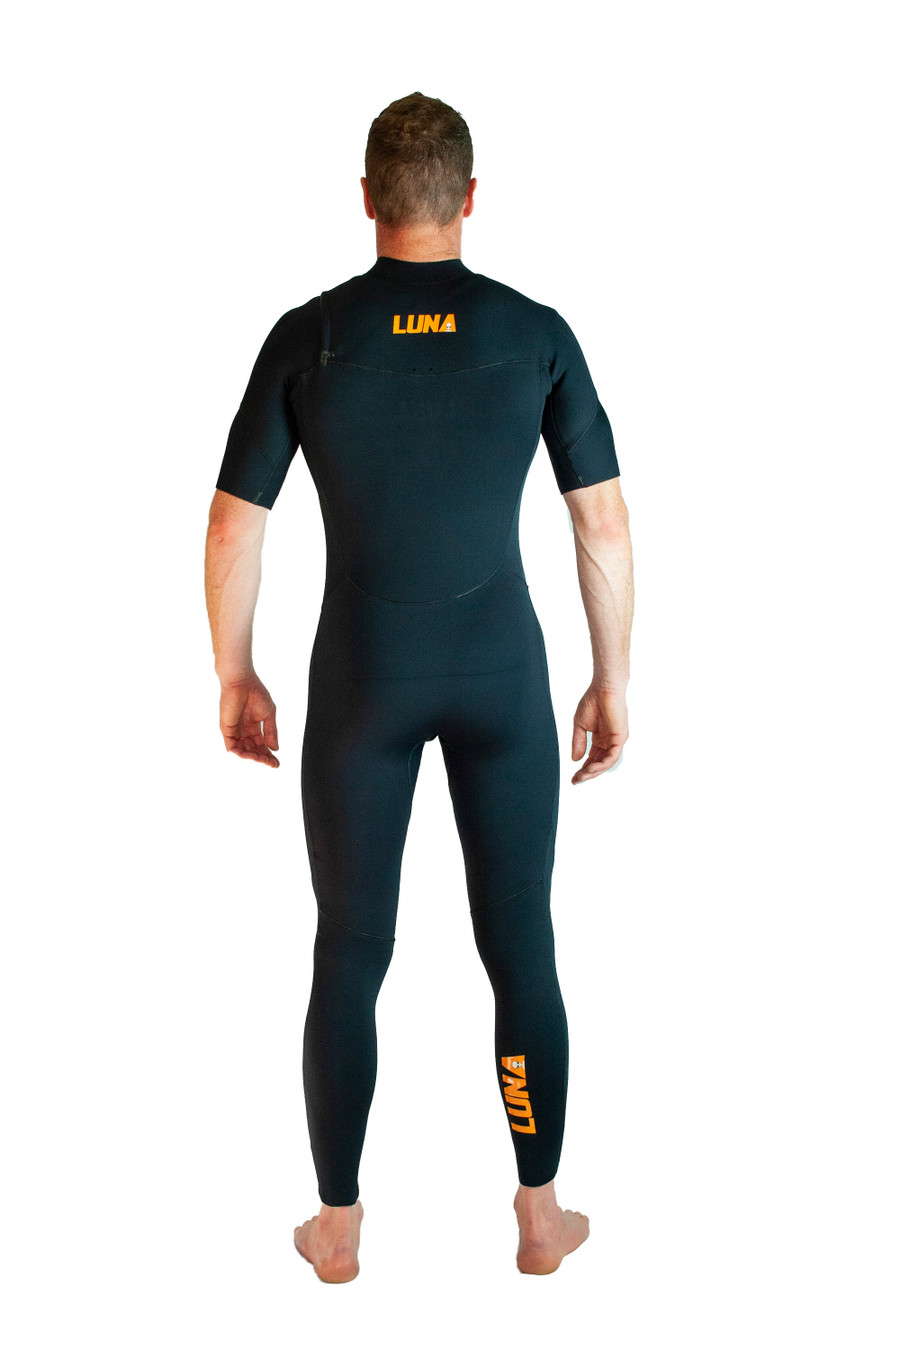 Yamamoto limestone neoprene wetsuit